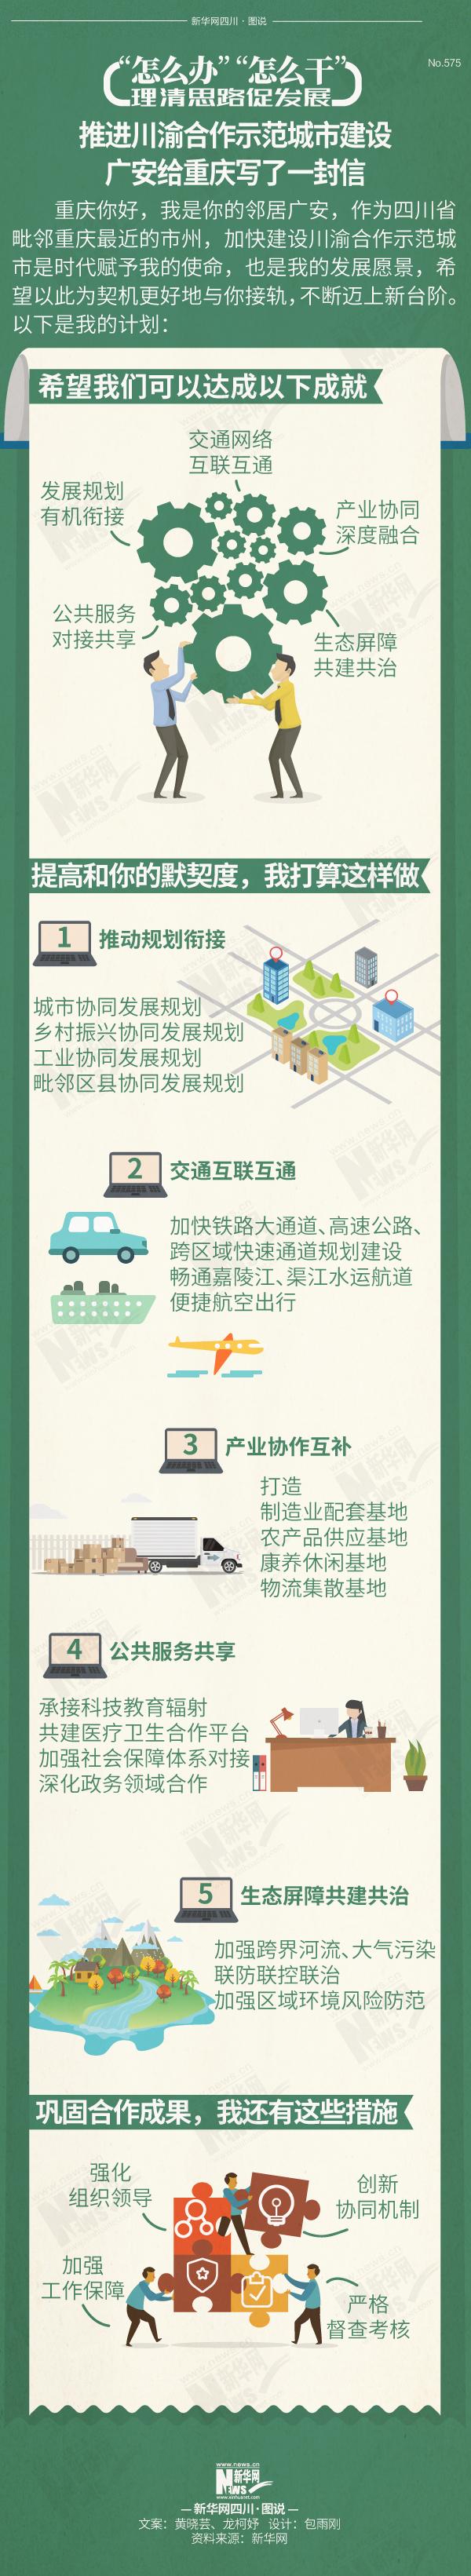 新华网图表丨推进川渝合作示范城市建设,广安给重庆写了一封信.jpg